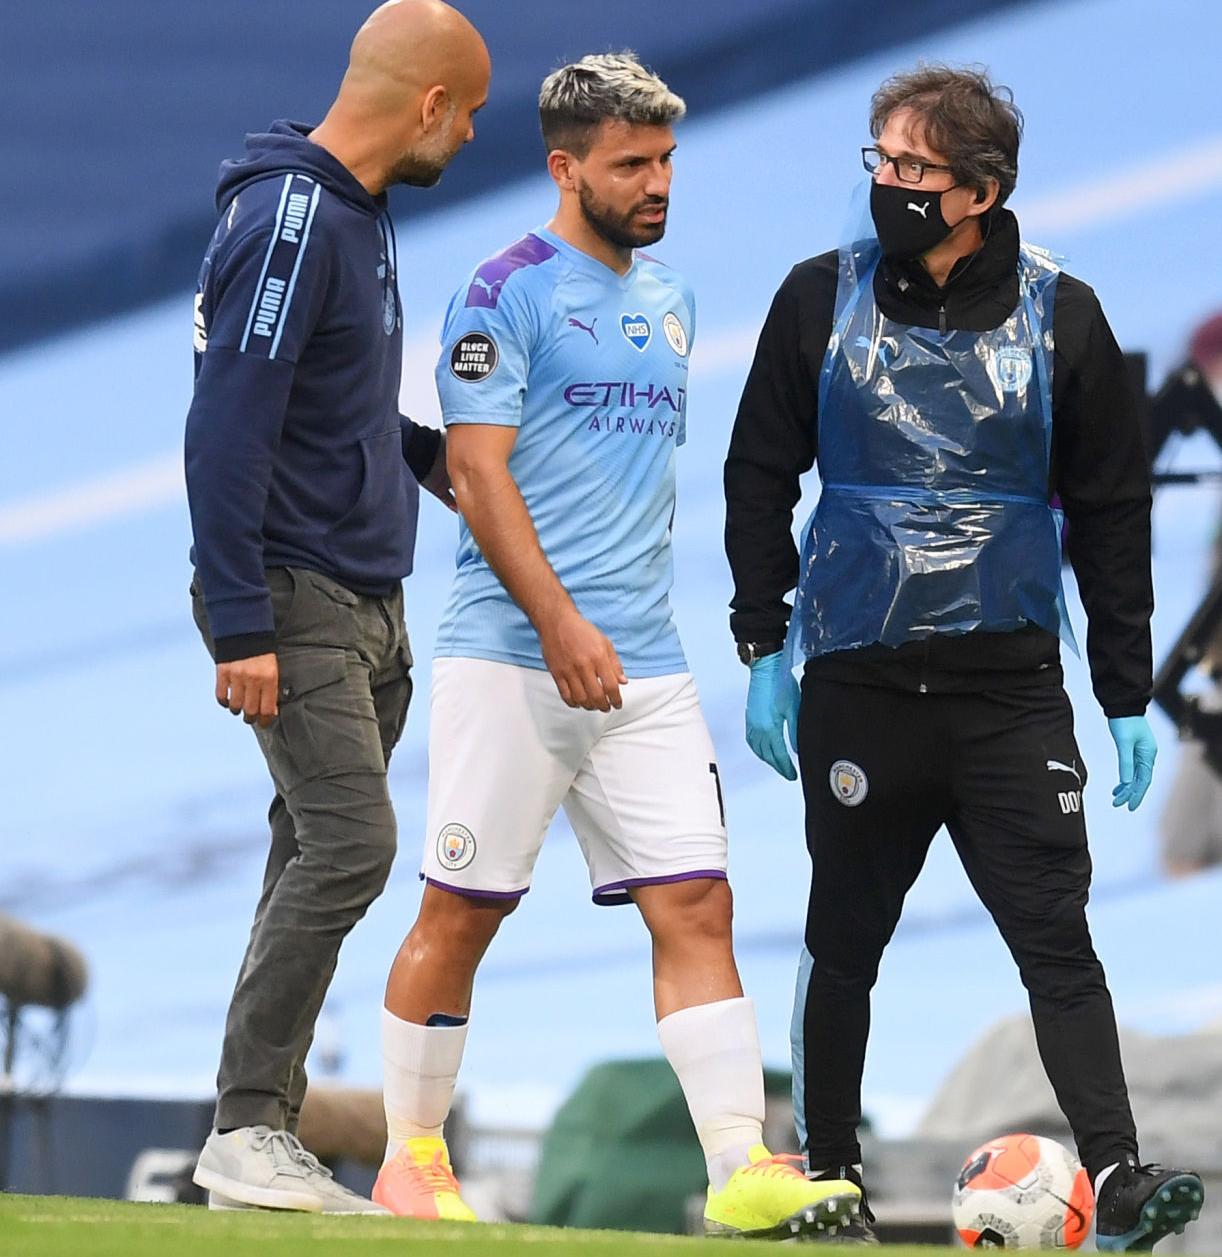 أغويرو يسافر إلى إسبانيا لمحاولة انقاذ ركبته.. وموسمه